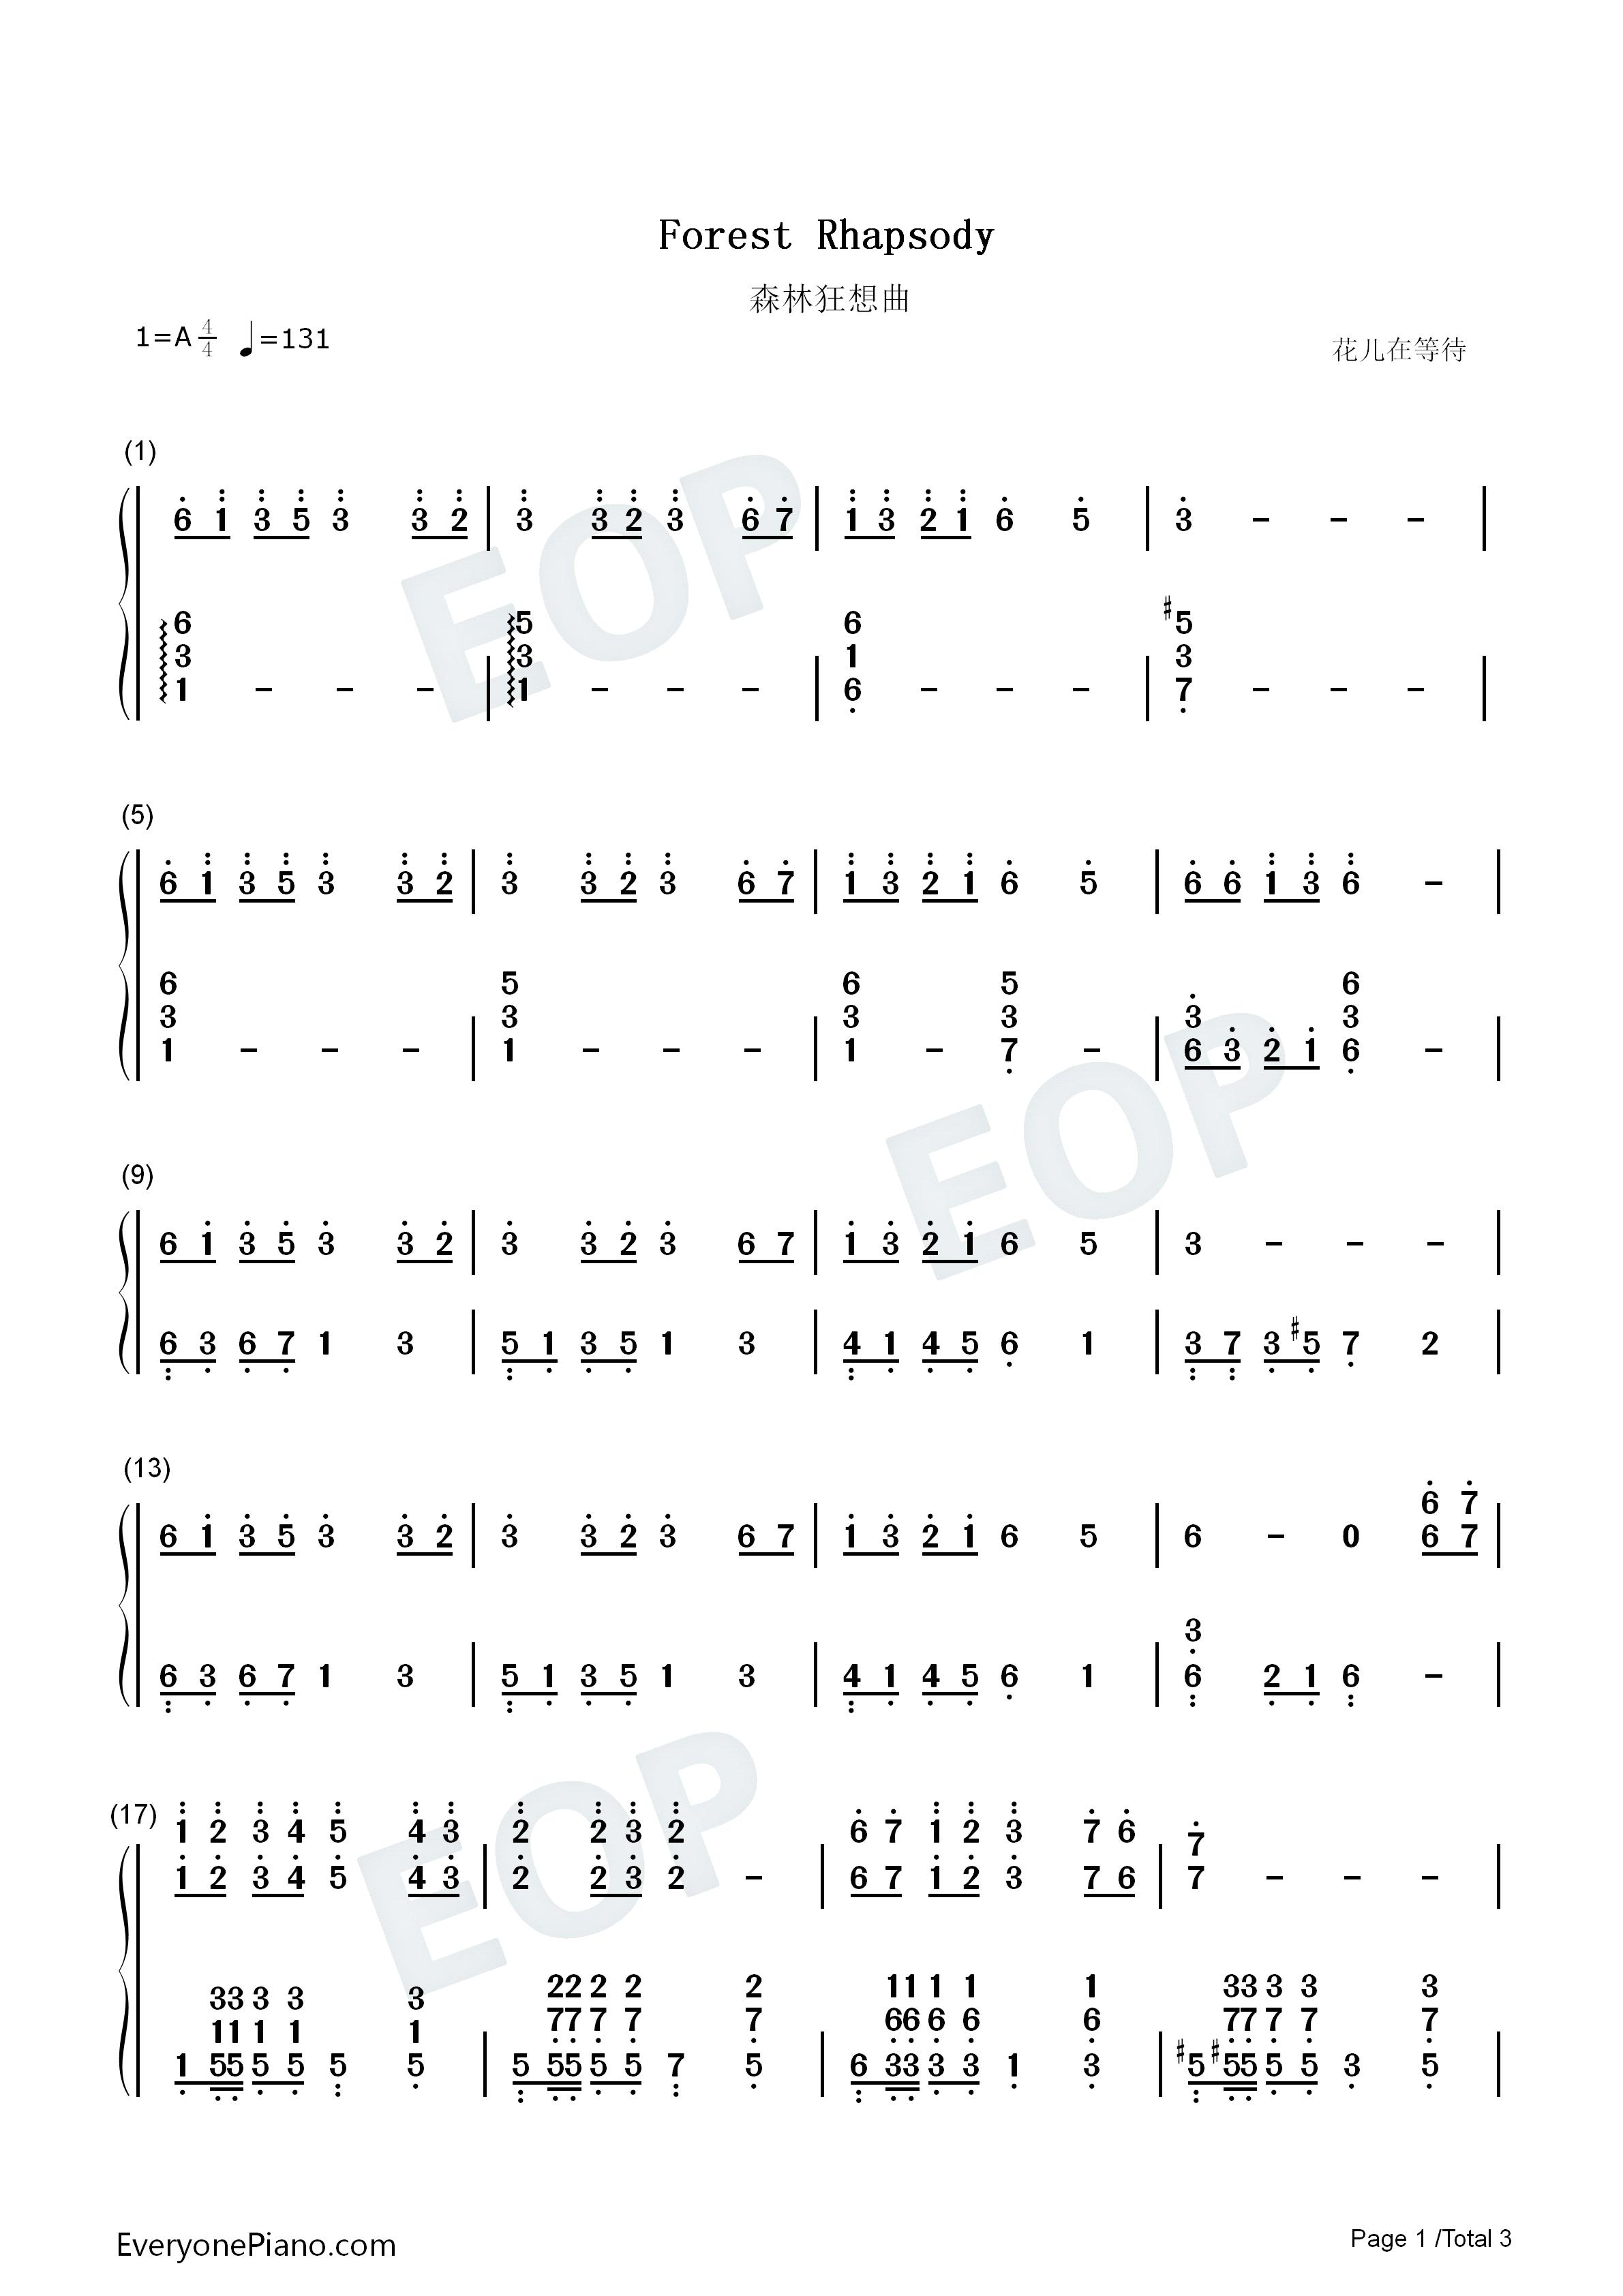 森林狂想曲-forest rhapsody双手简谱预览1